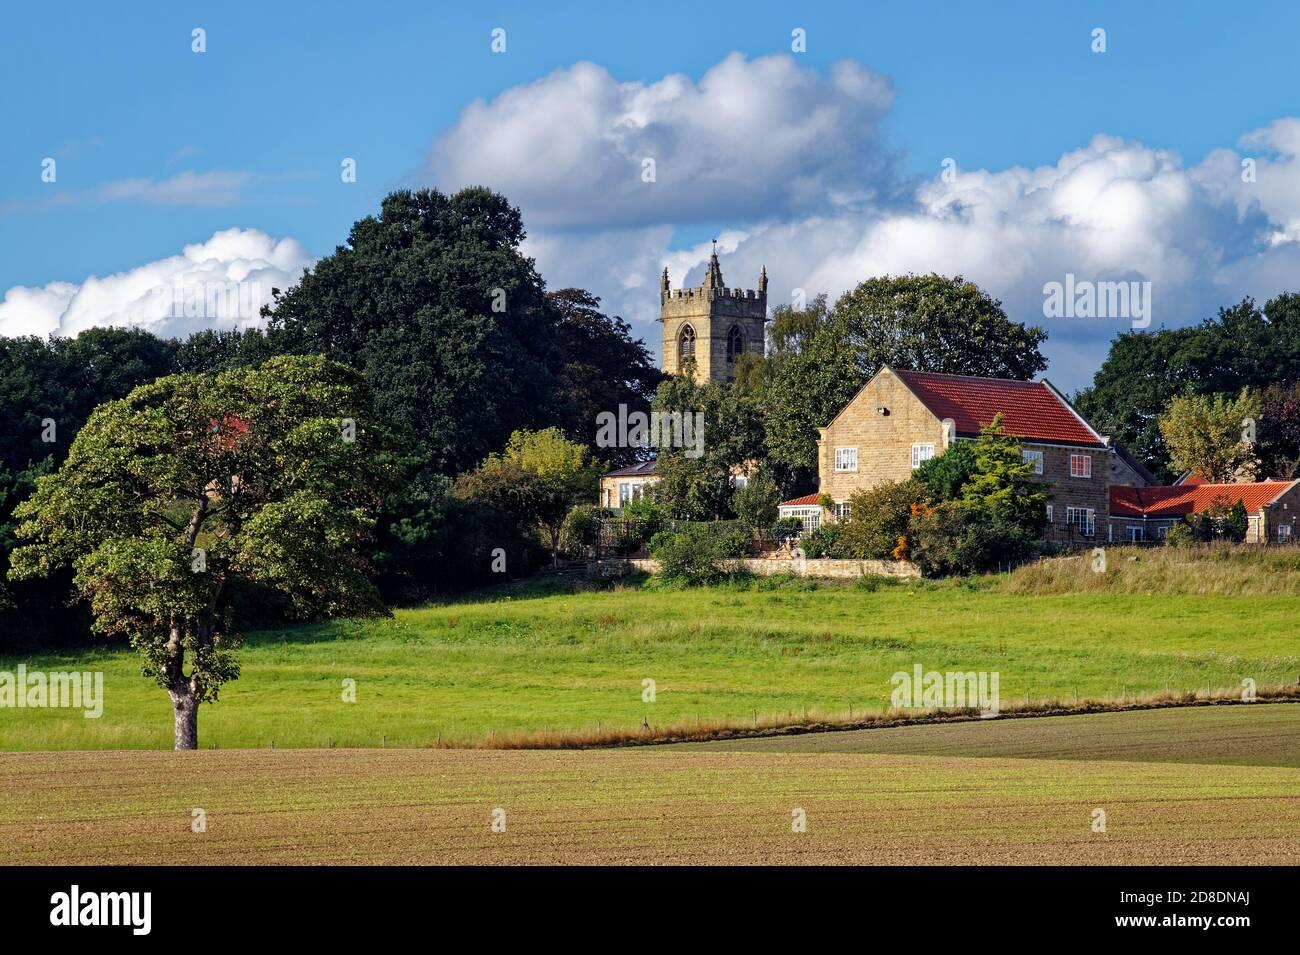 Royaume-Uni, Yorkshire du Sud, Barnburgh, église Saint-Pierre et campagne environnante Banque D'Images